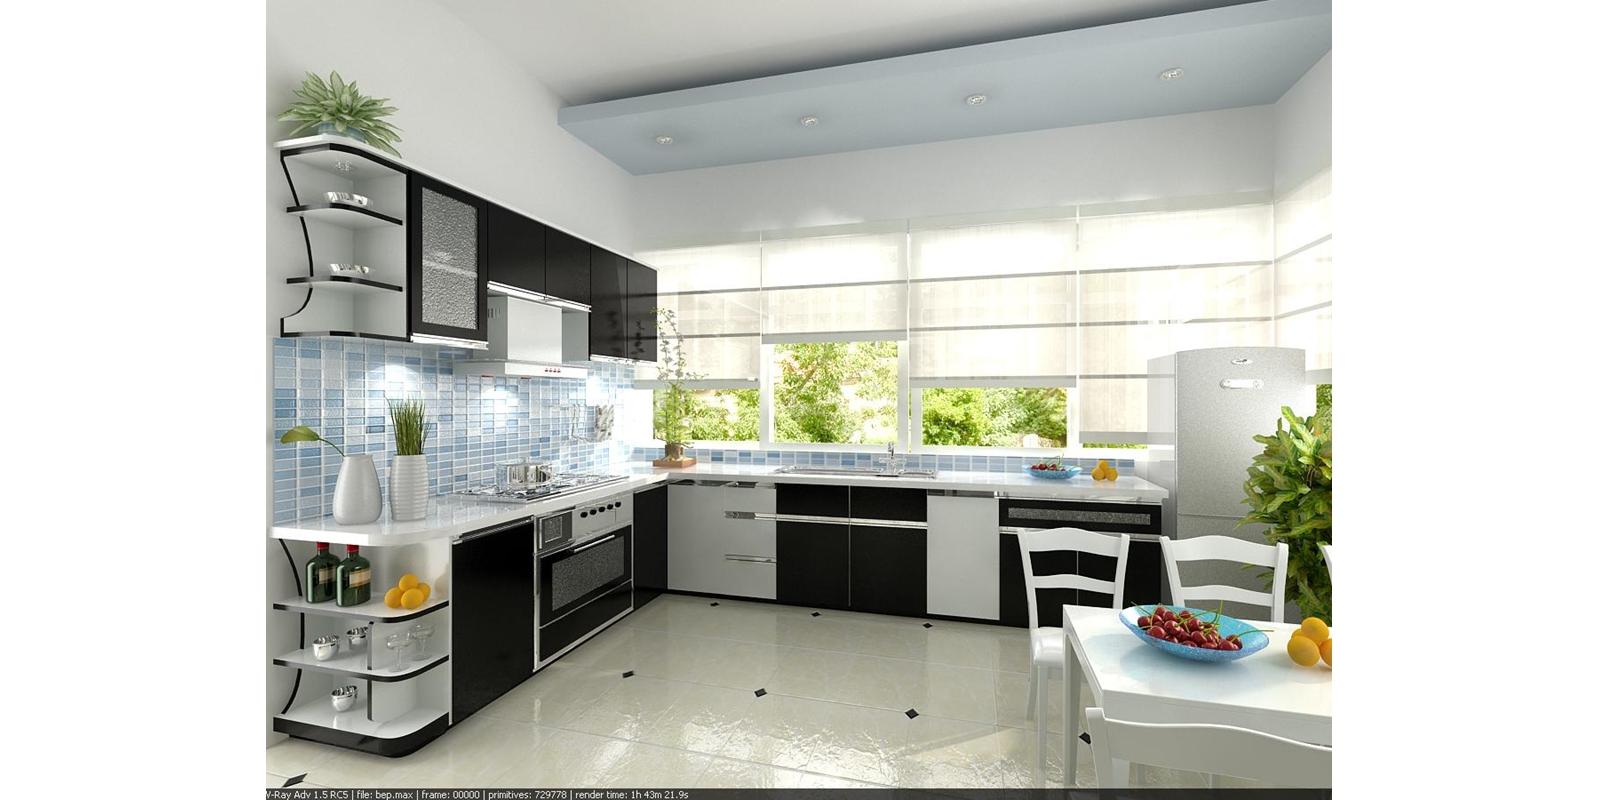 Nội thất cho phòng bếp hẹp